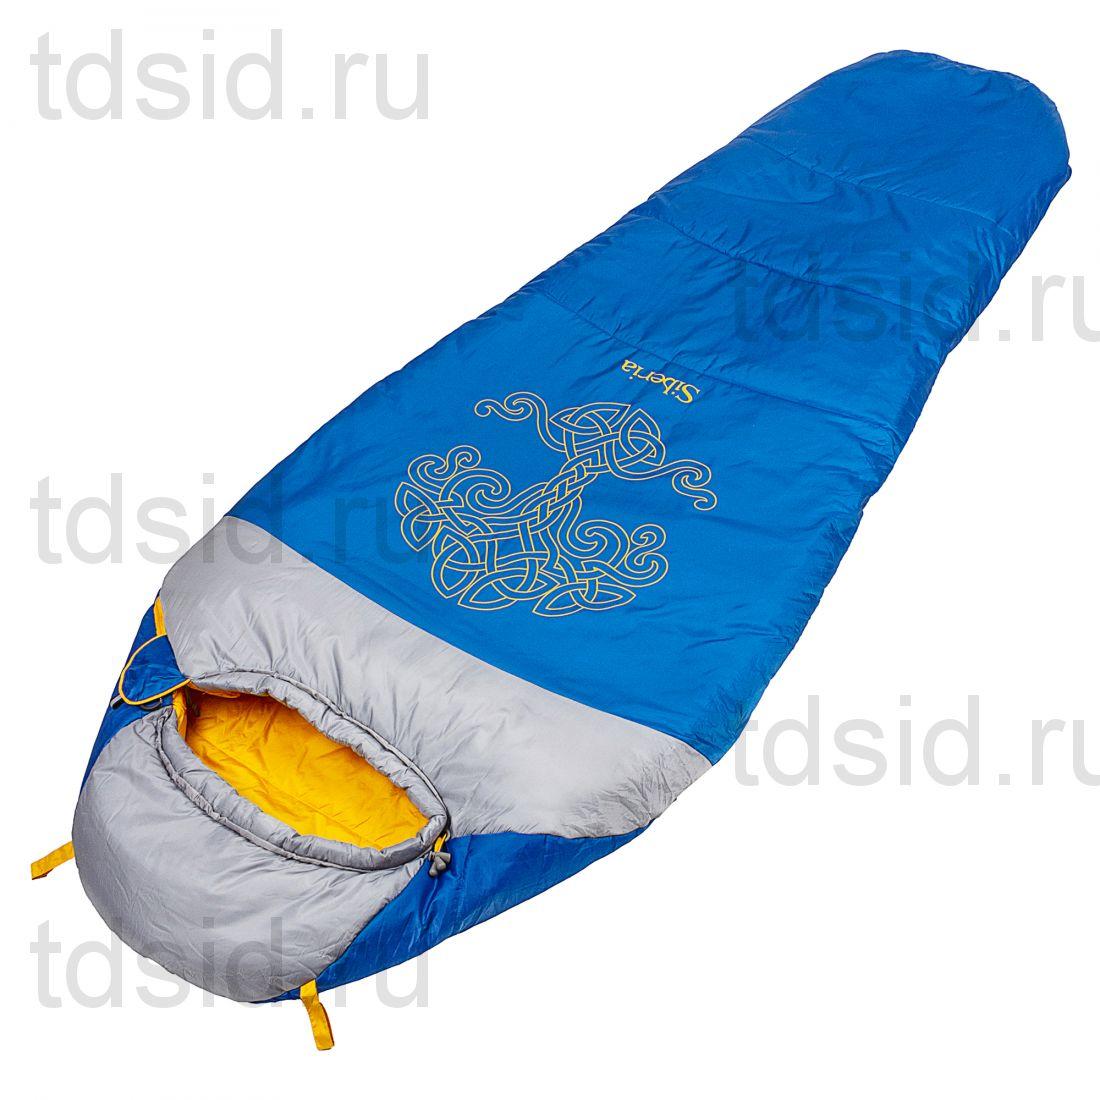 Сибирь -20 L V3 Спальный мешок